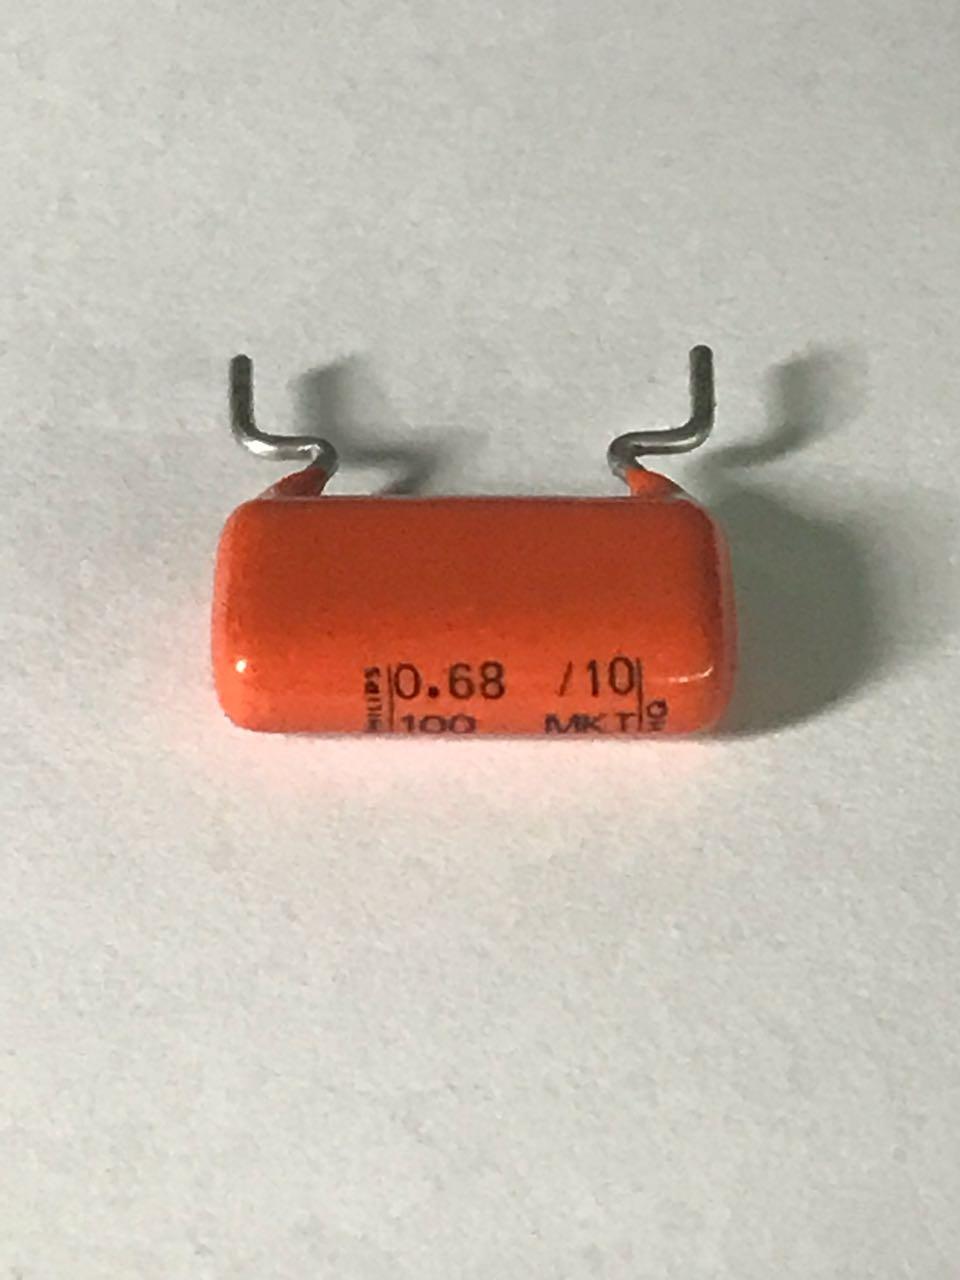 680nf, condensador d110 2x Philips 0,68µf 100v 0.68//10//100 mkt 344 h0